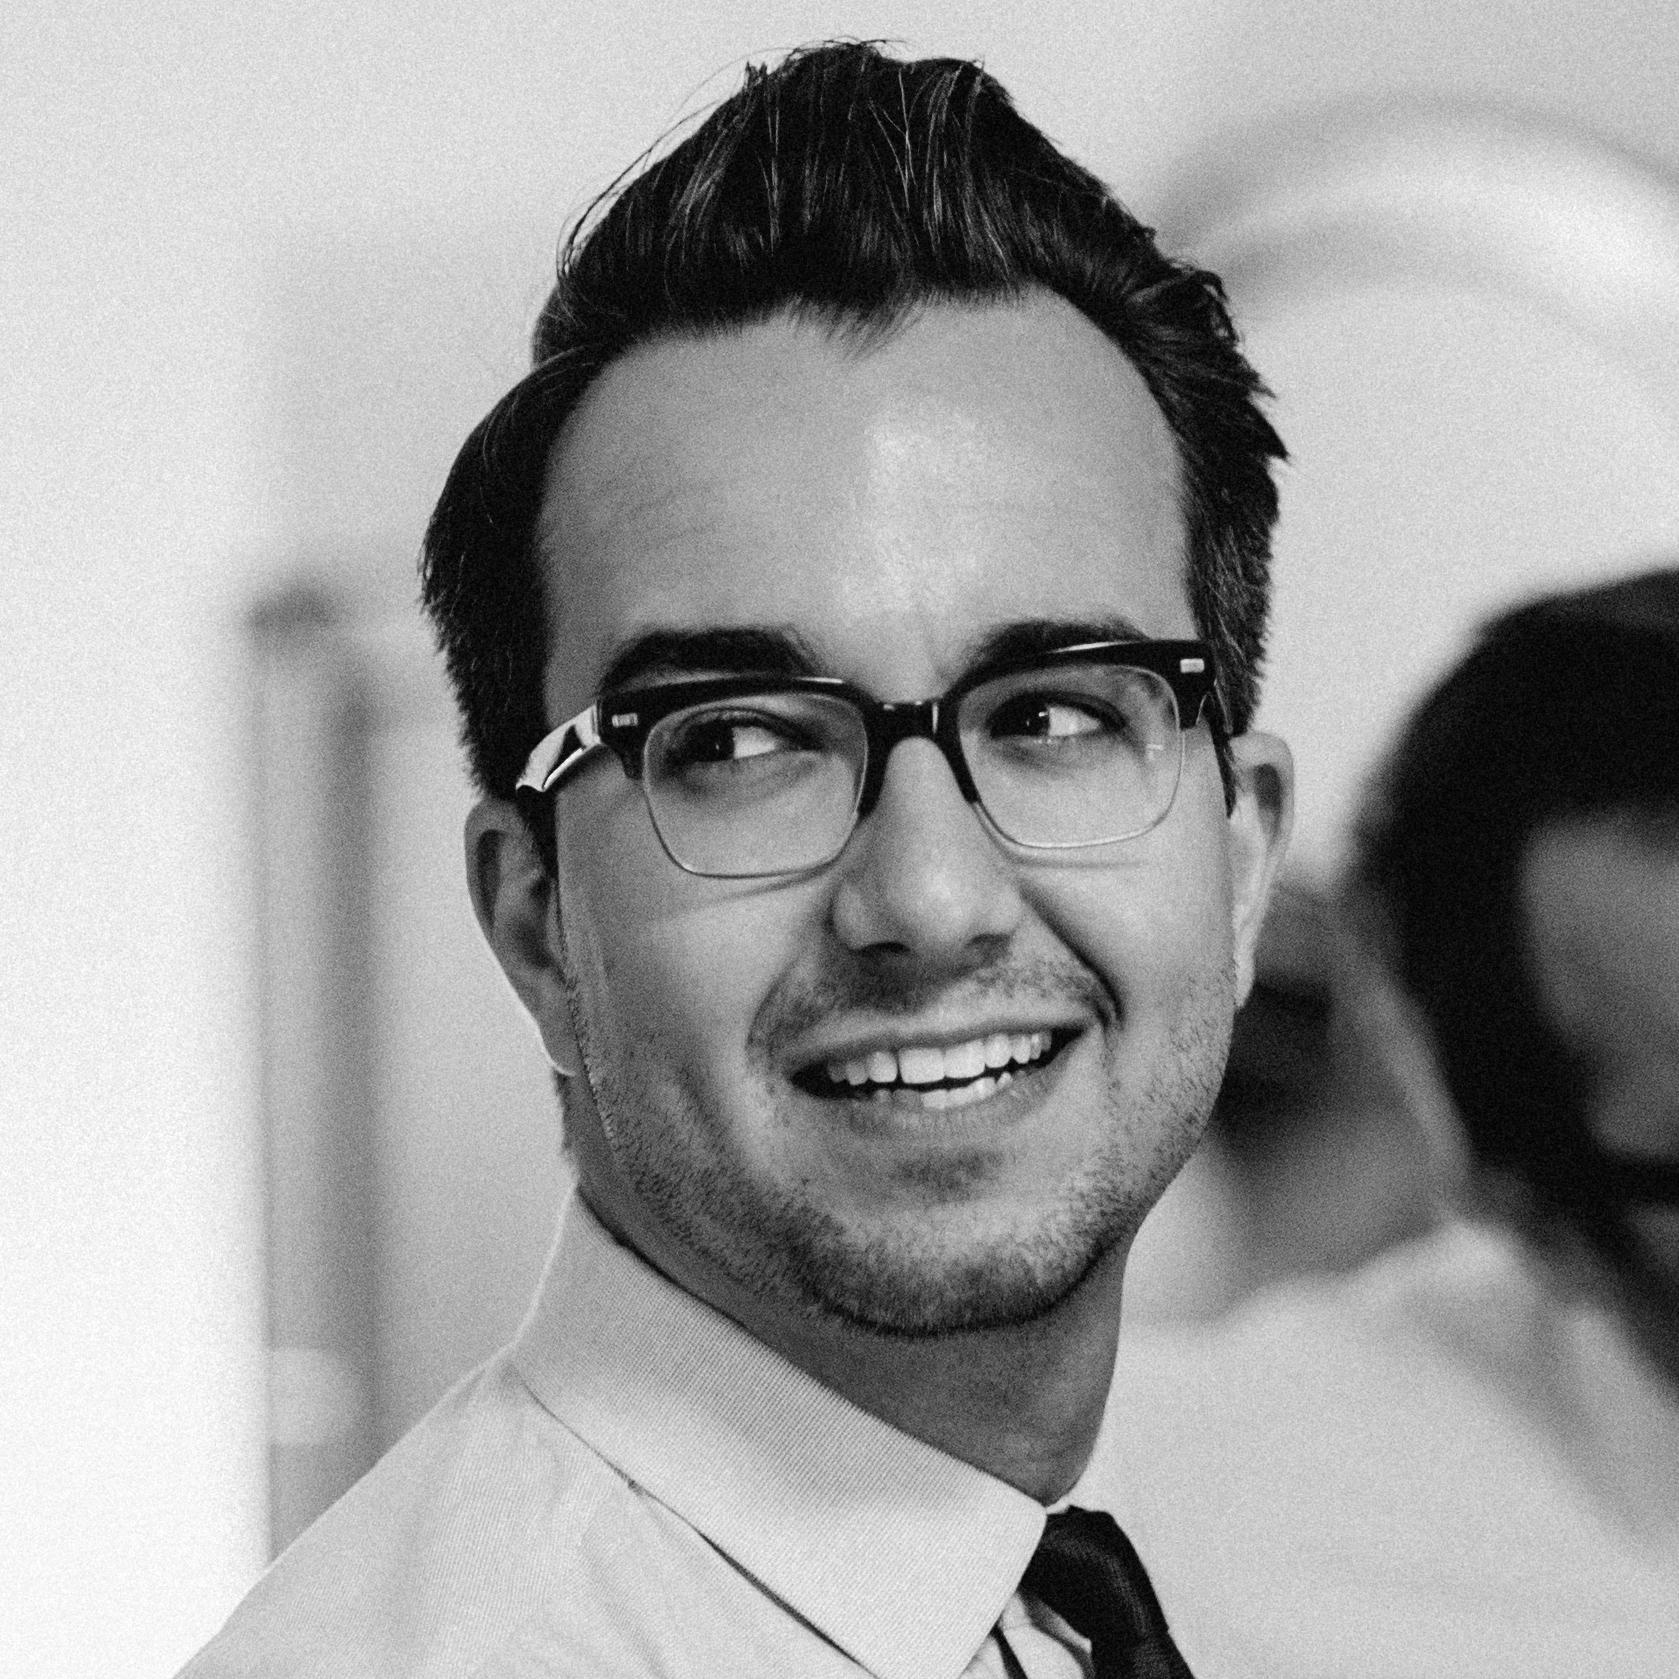 Ben Meyerson headshot 2015.jpg